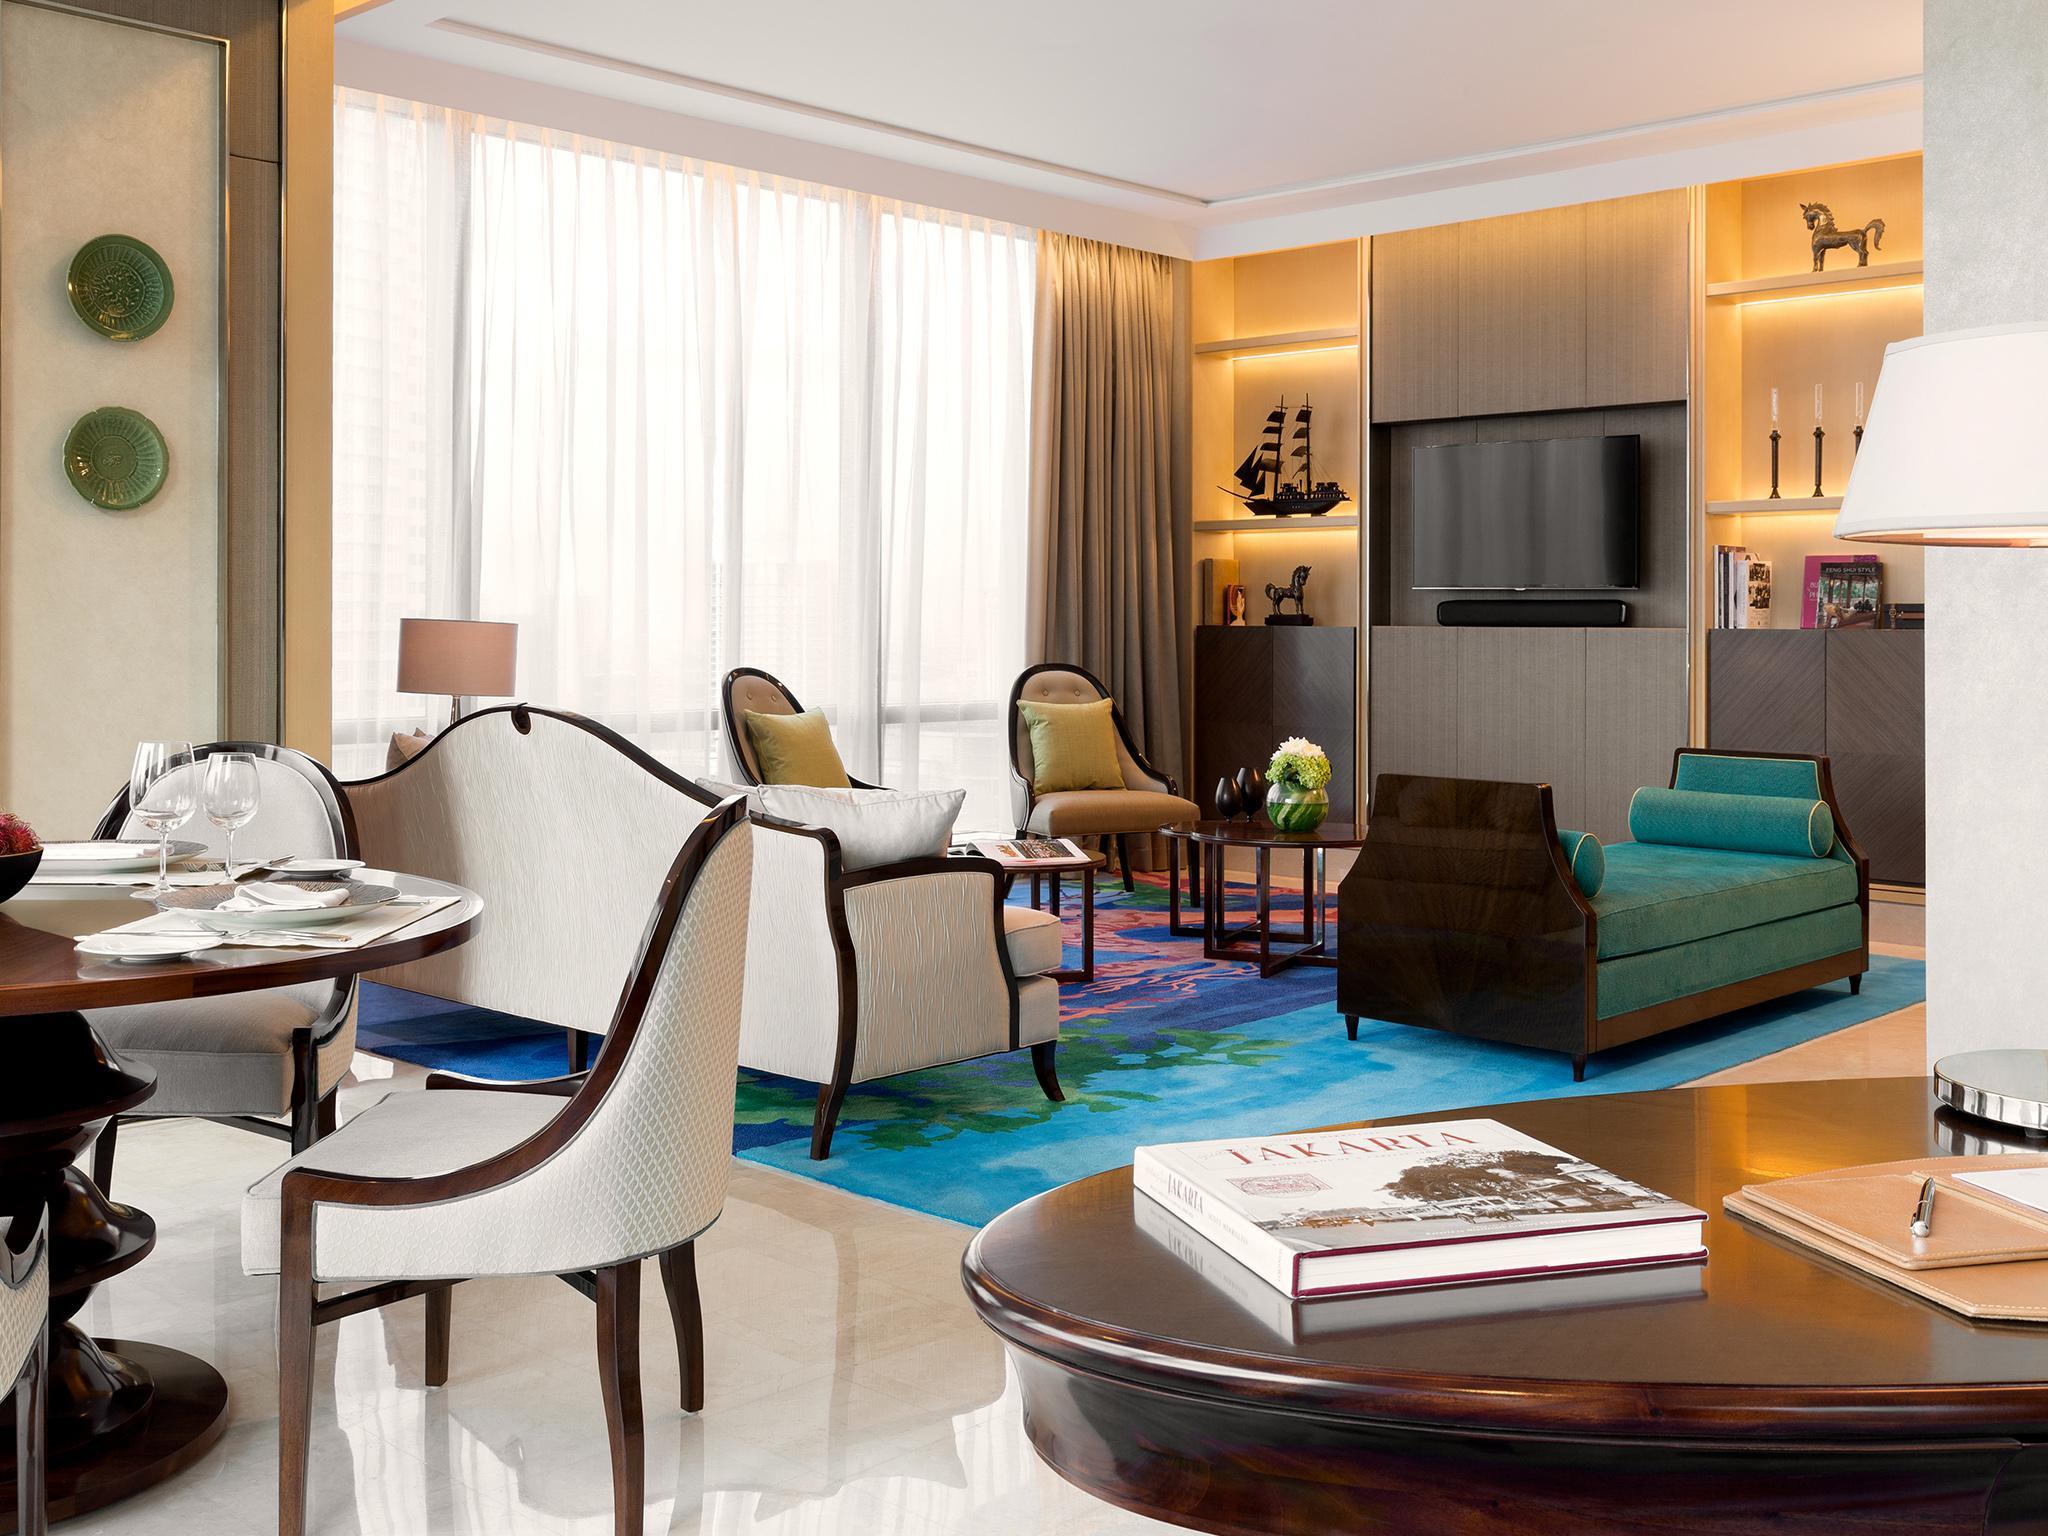 729549 17101117000057675855 - Mengintip Hotel Mewah Tempat Menginap Rombongan Raja Arab di Jakarta, Berapa Tarifnya?